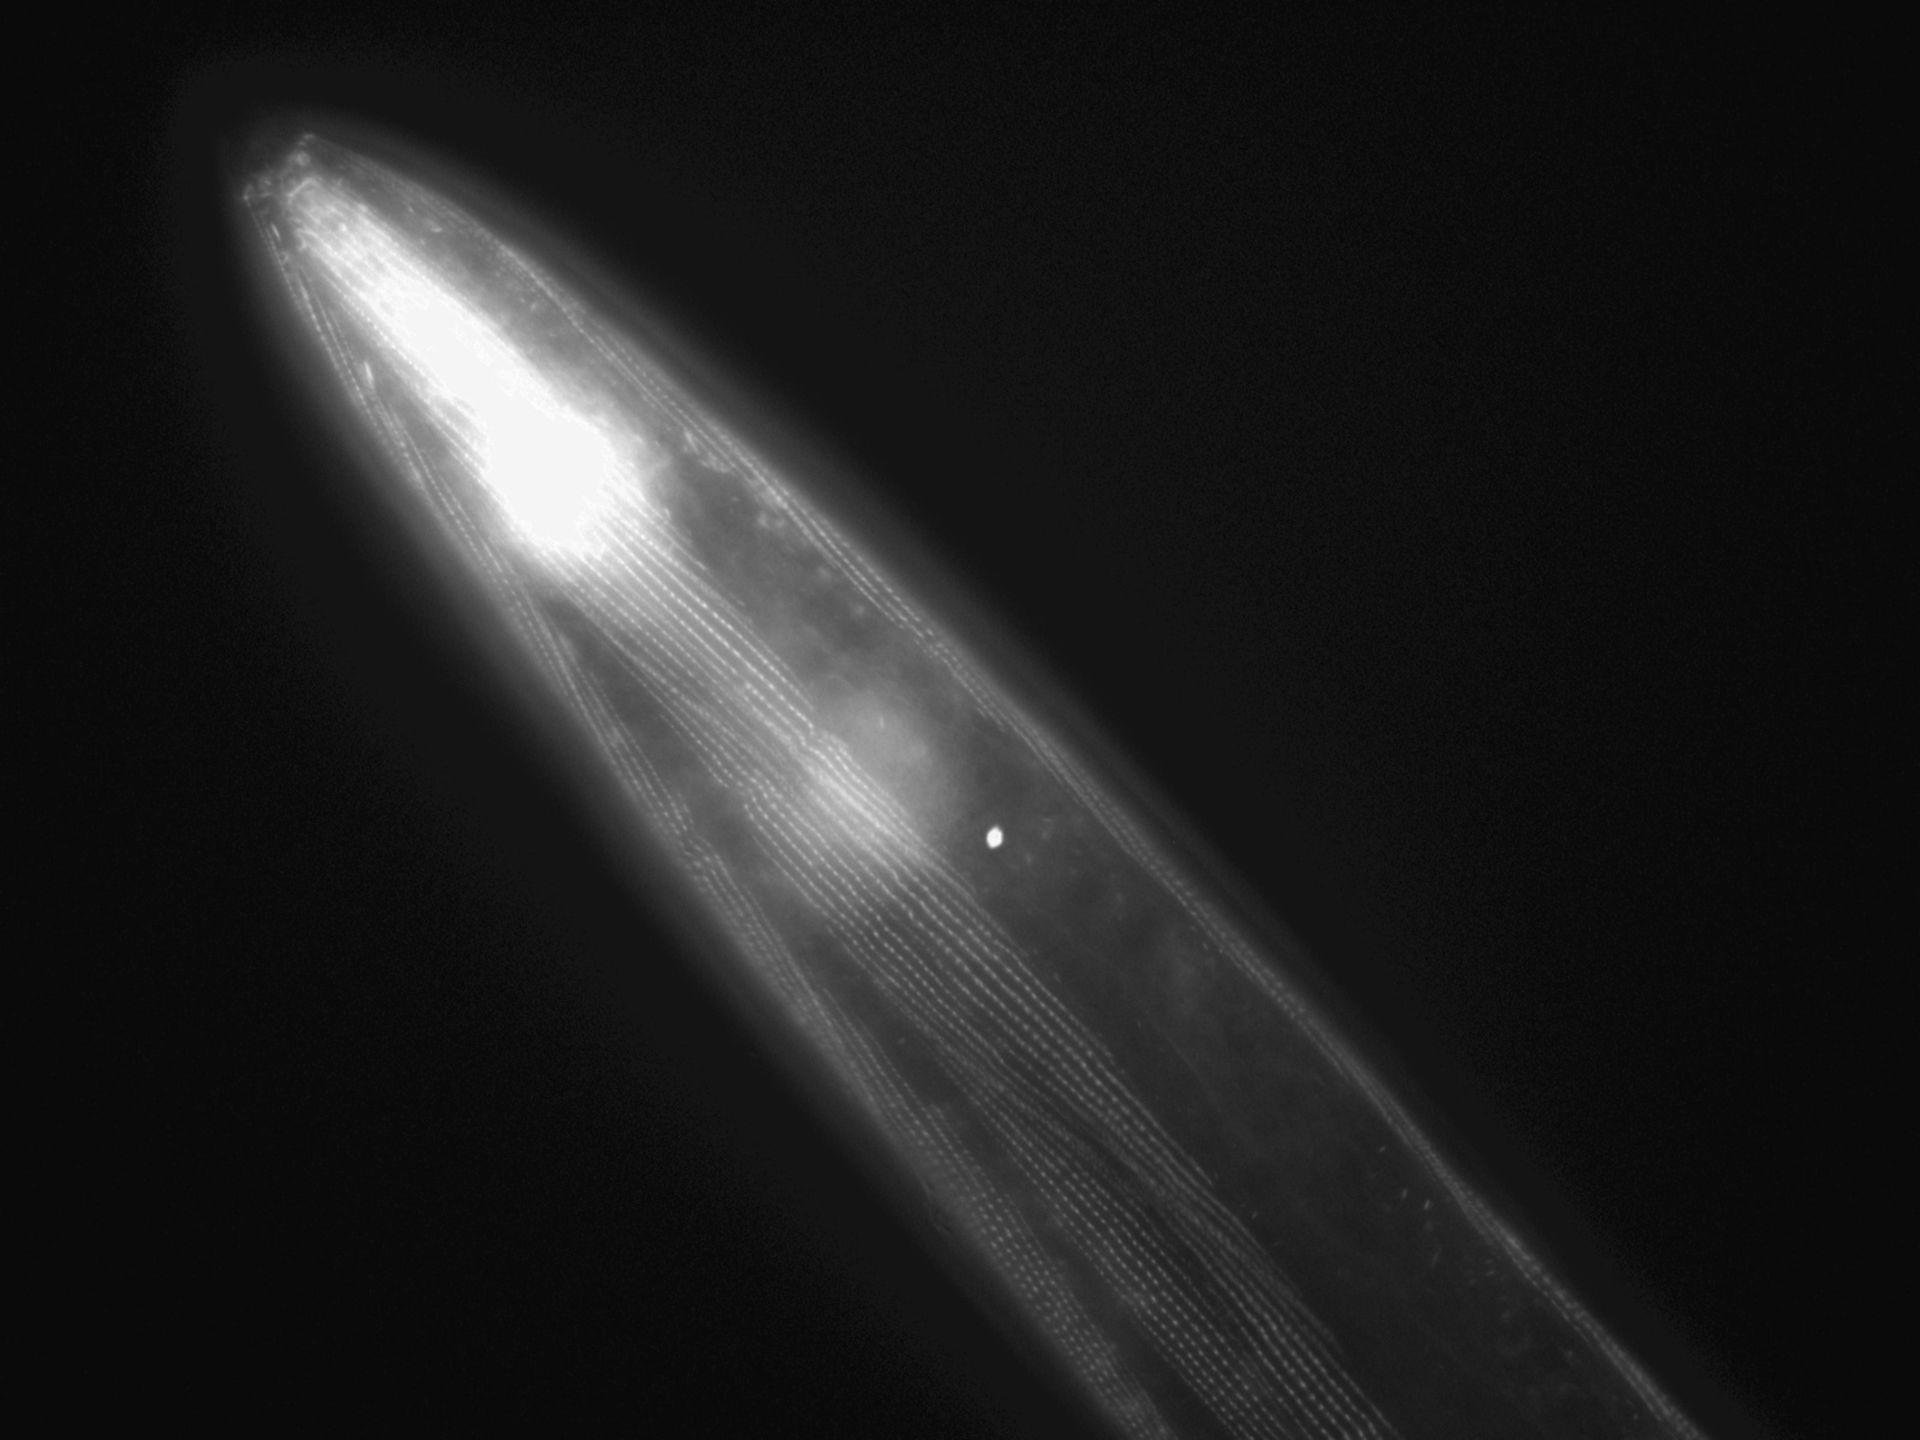 Caenorhabditis elegans (filamento di actina) - CIL:1019